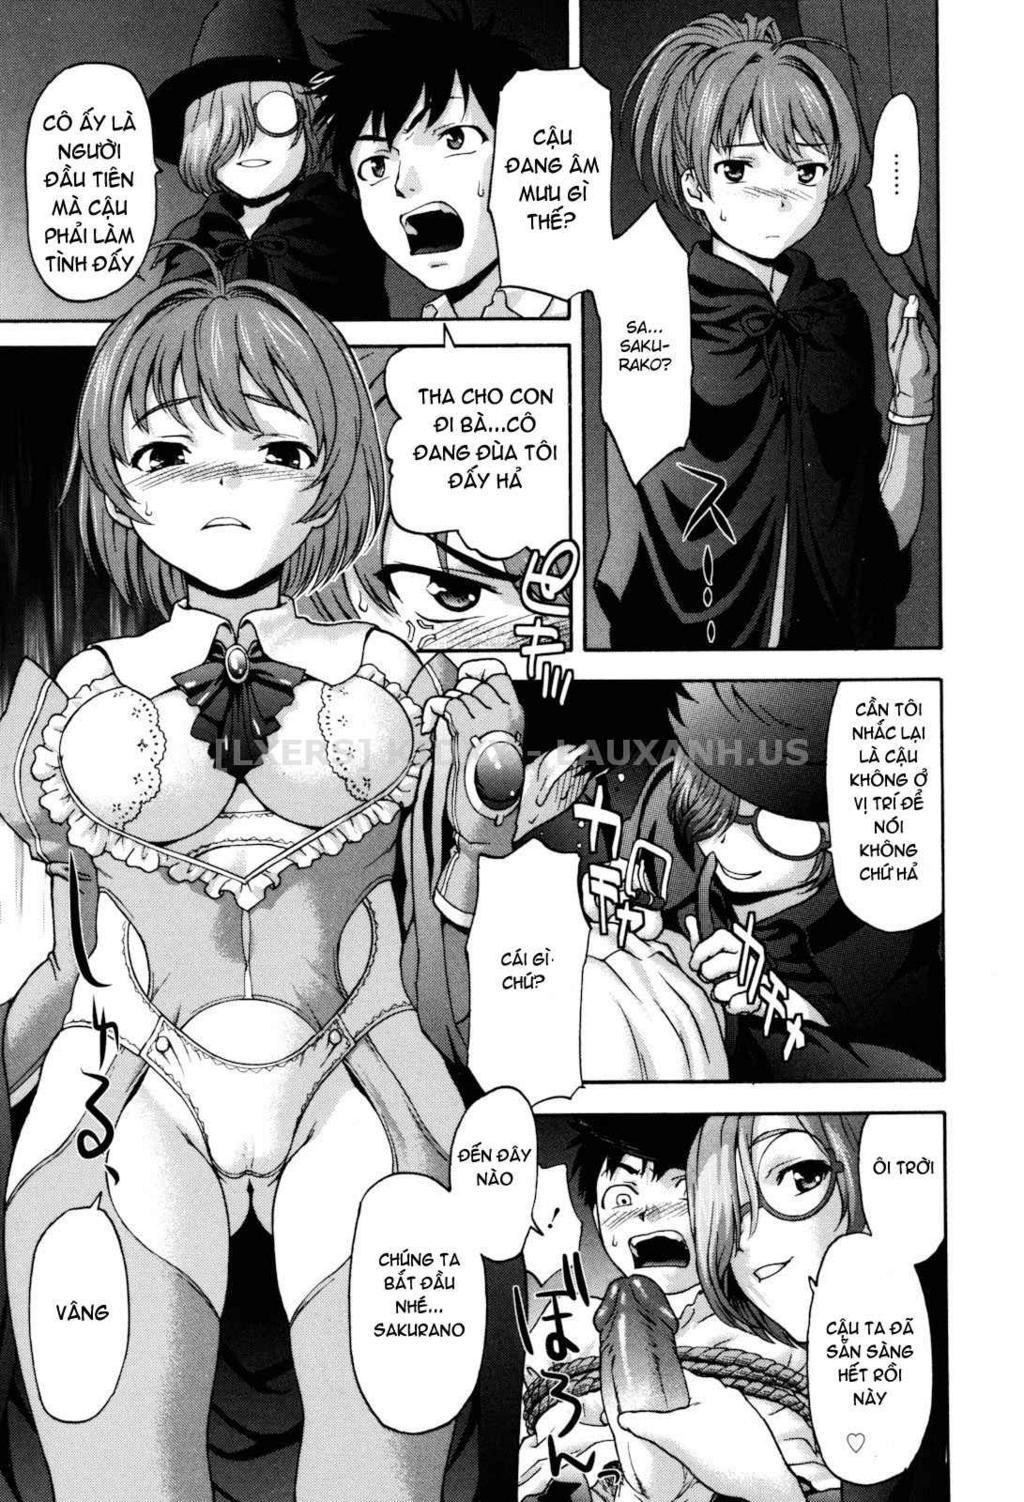 Hình ảnh image_016 trong bài viết Hiếp dâm các em trinh nữ